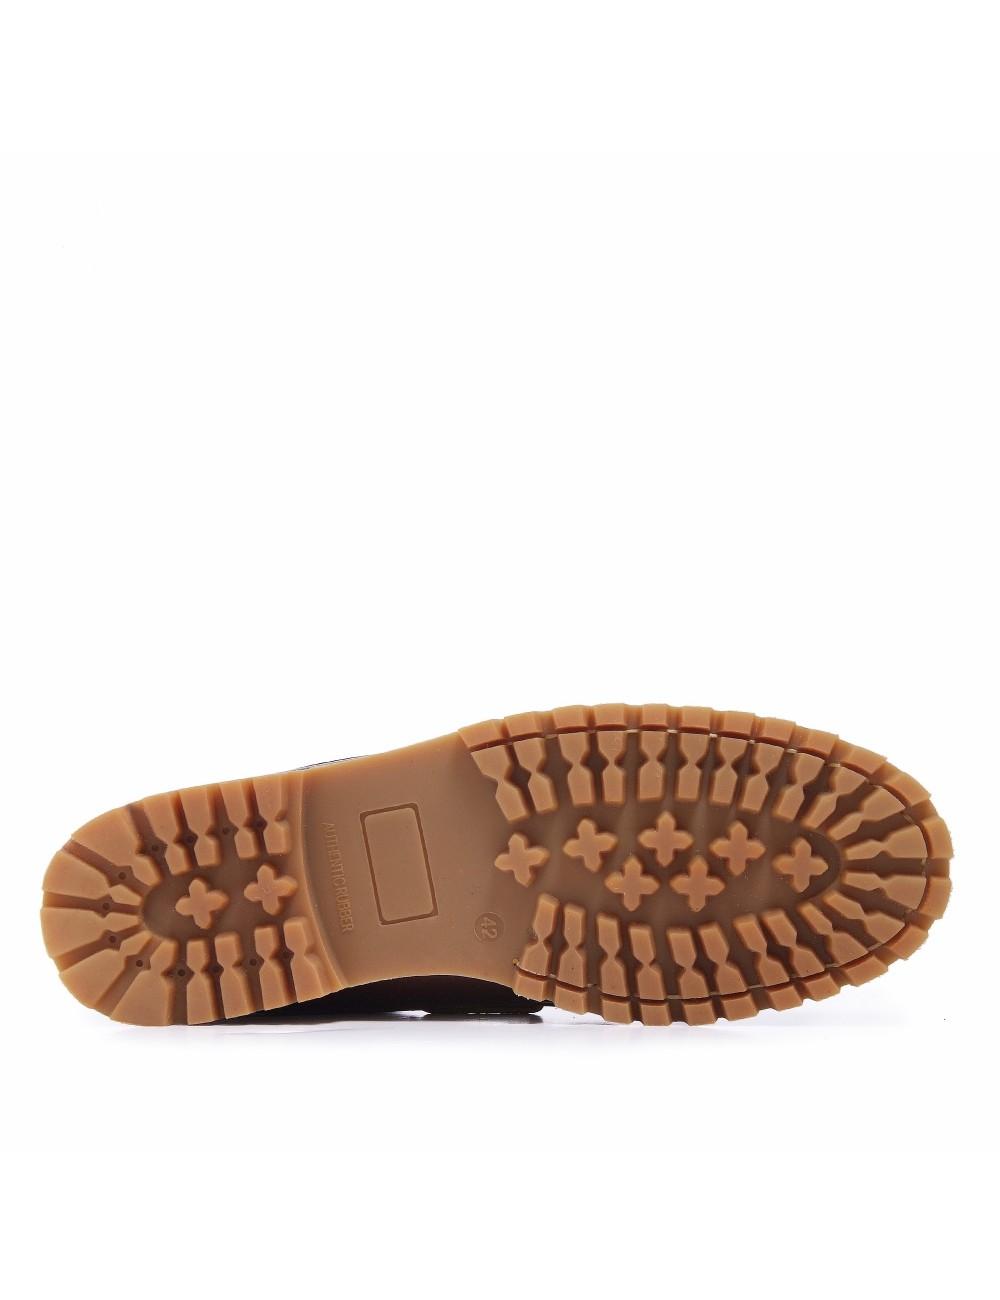 Zapatos Náuticos de Piel Napa Marrón